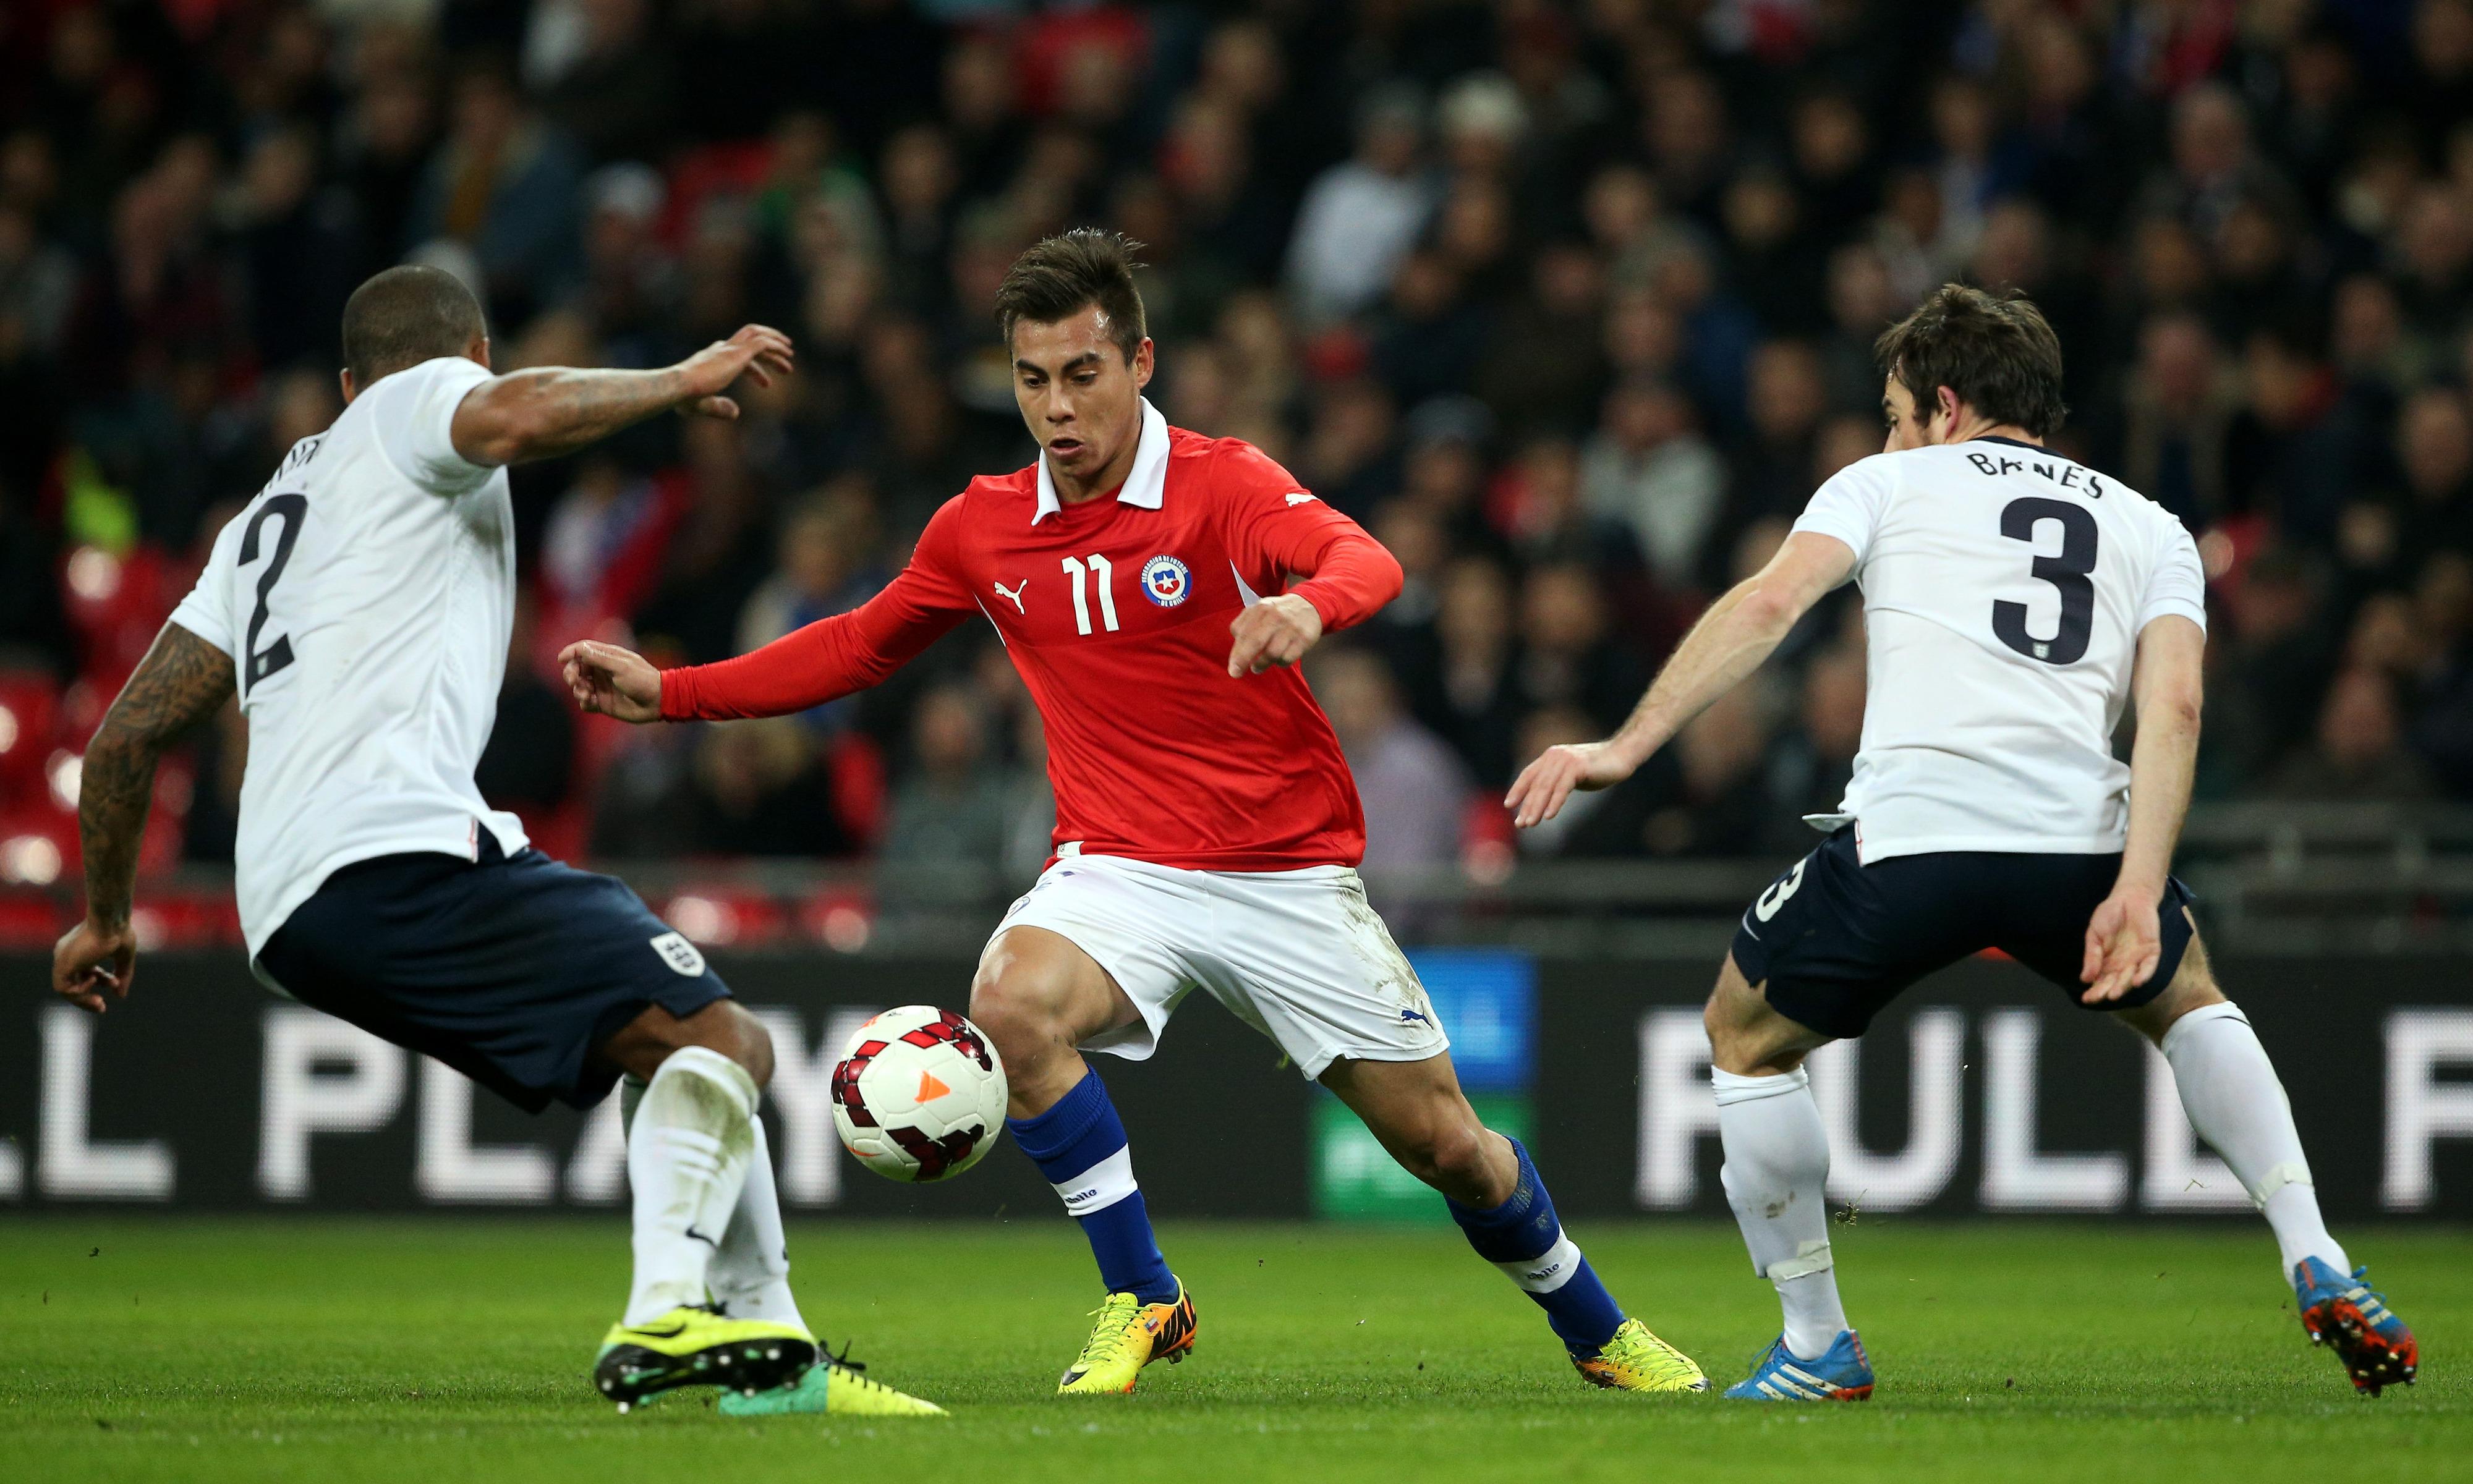 England vs. Chile: Final score 0-2, Alexis Sanchez leads La Roja to win at Wembley